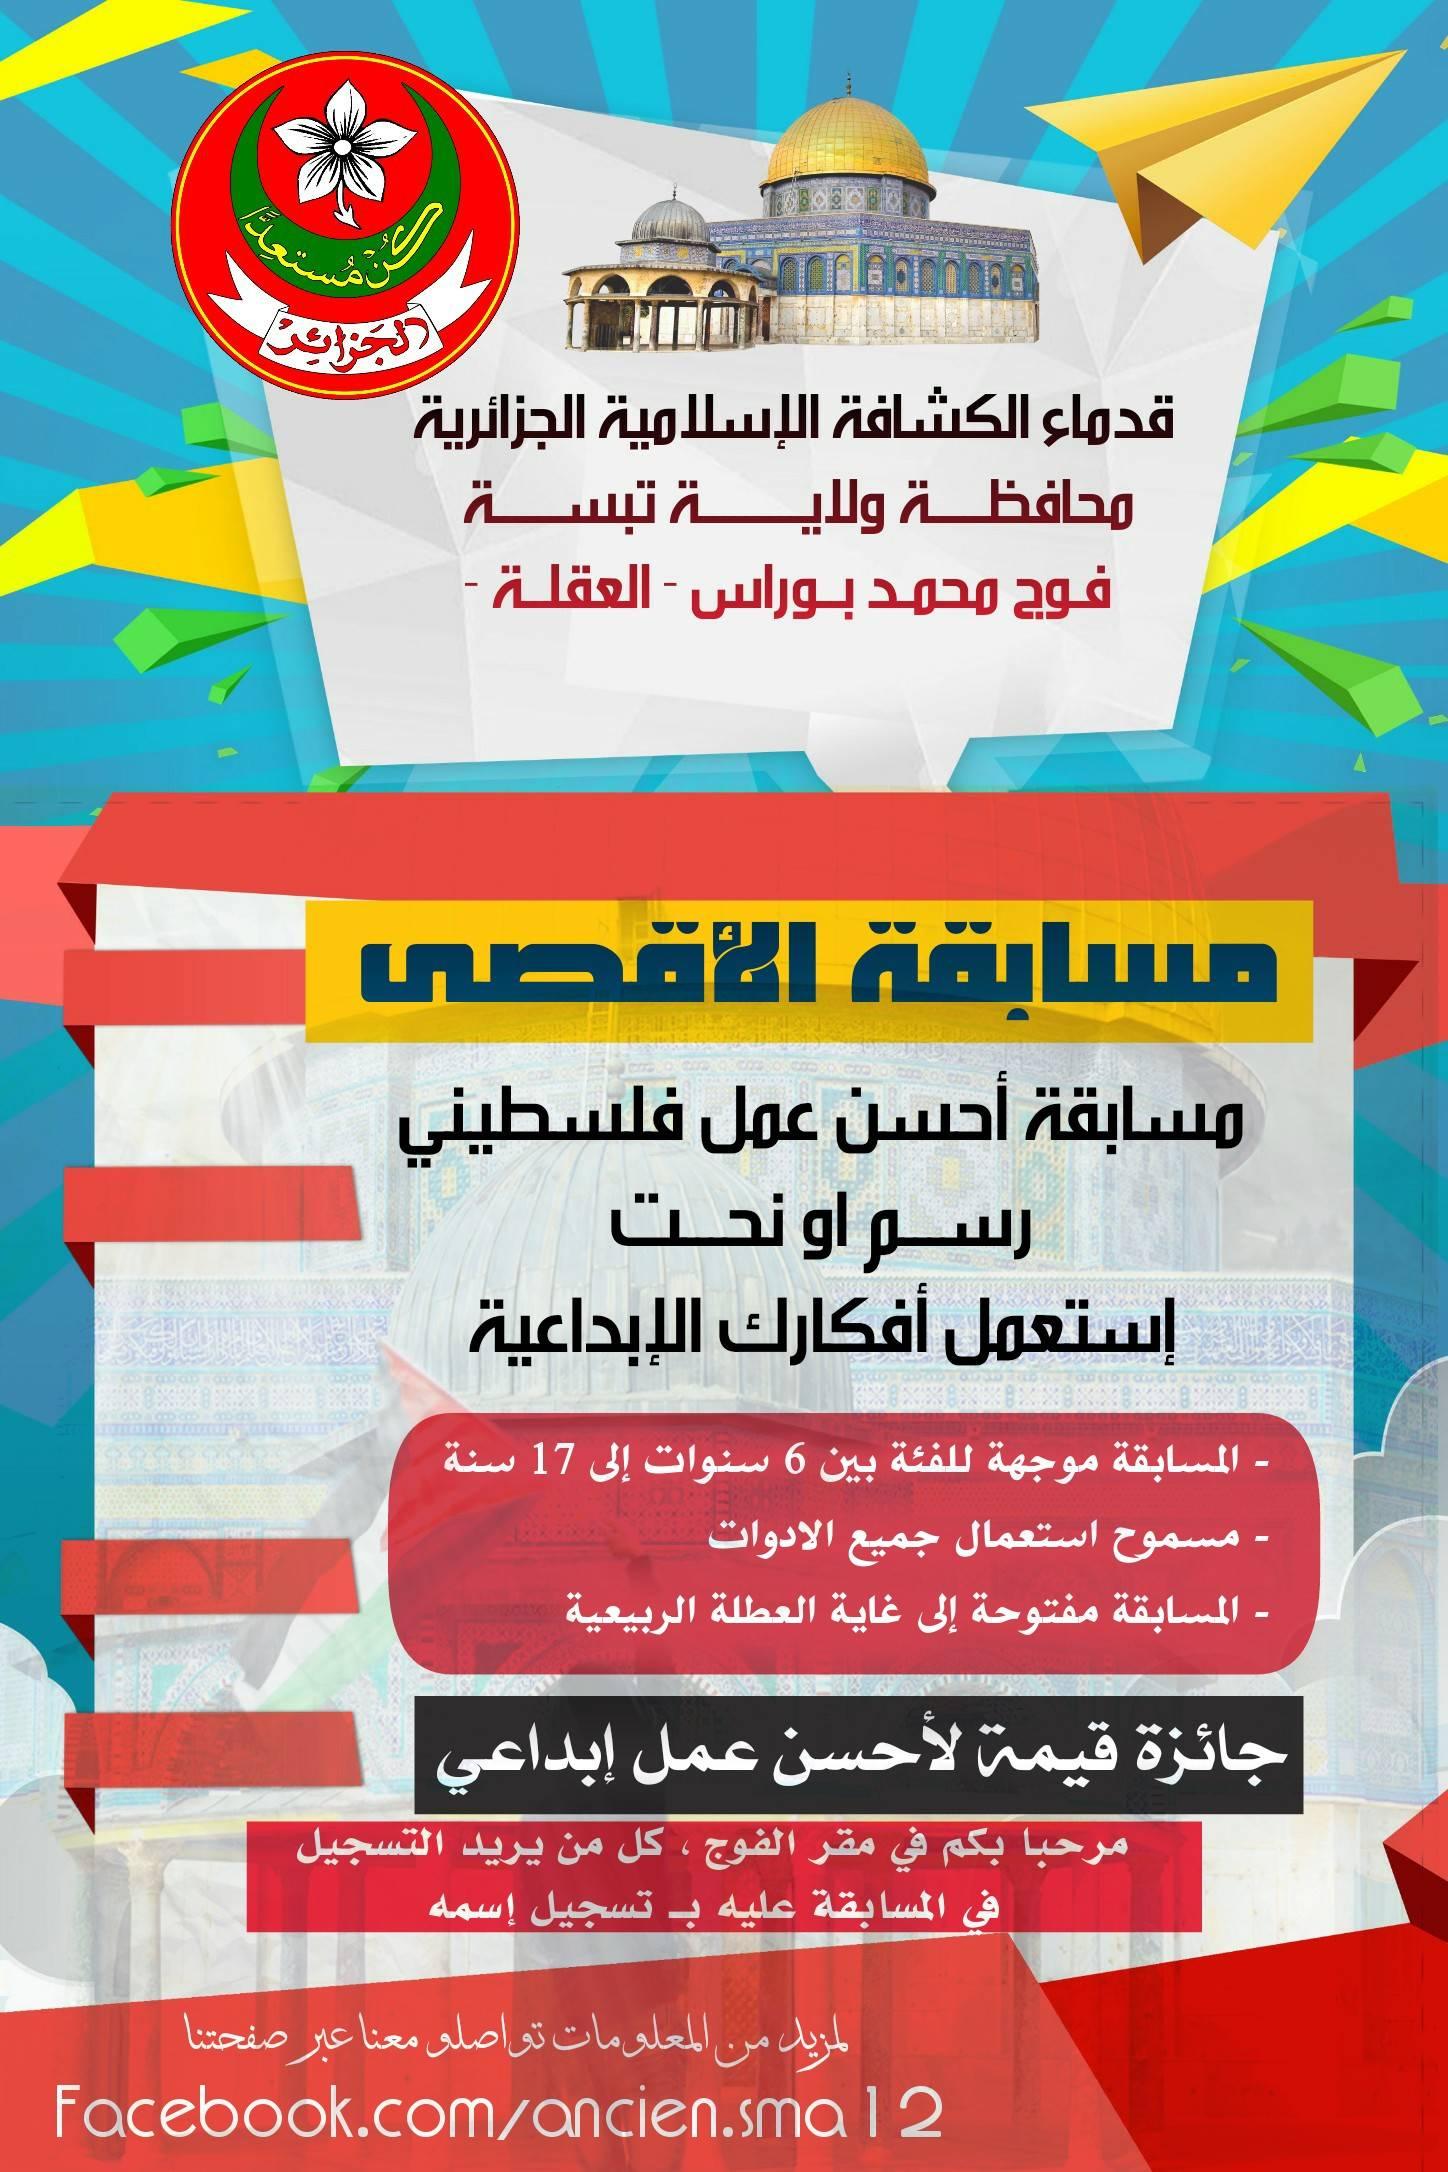 مسابقة الاقصى  - قدماء الكشافة الاسلامية الجزائرية - فوج محمد بوراس العقلة ولاية تبسة -